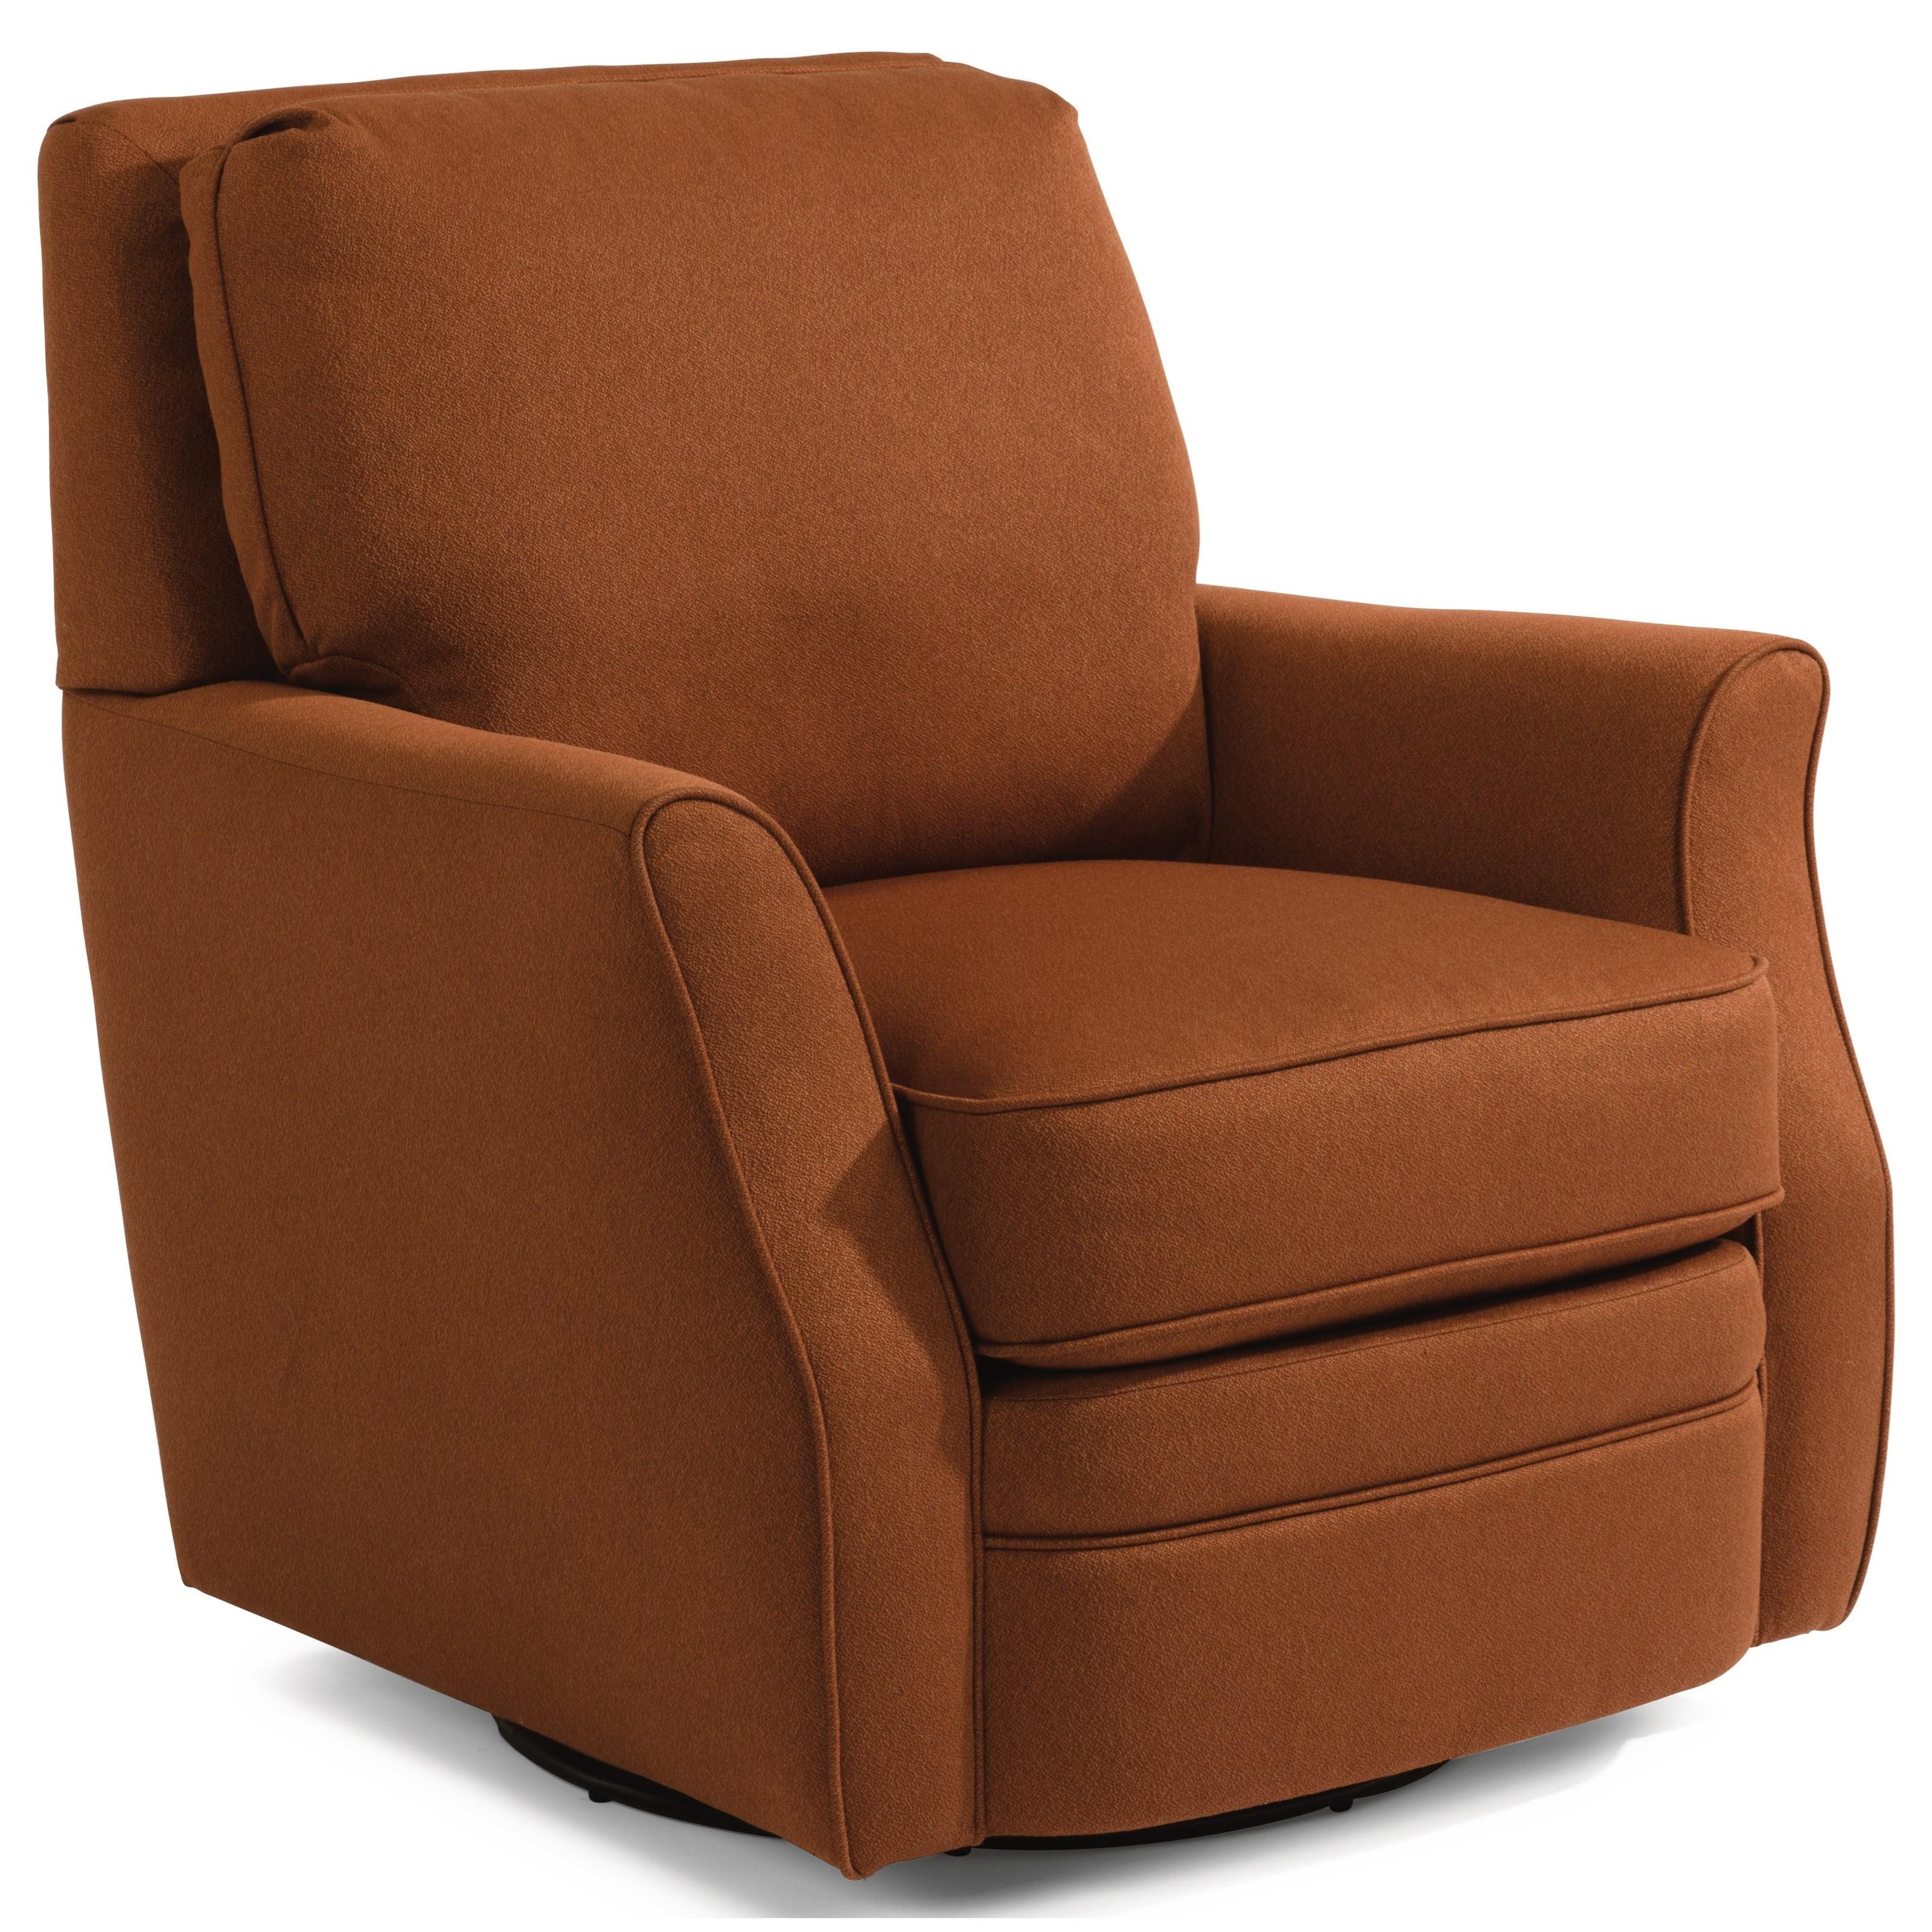 High Quality Flexsteel BrynnSwivel Chair